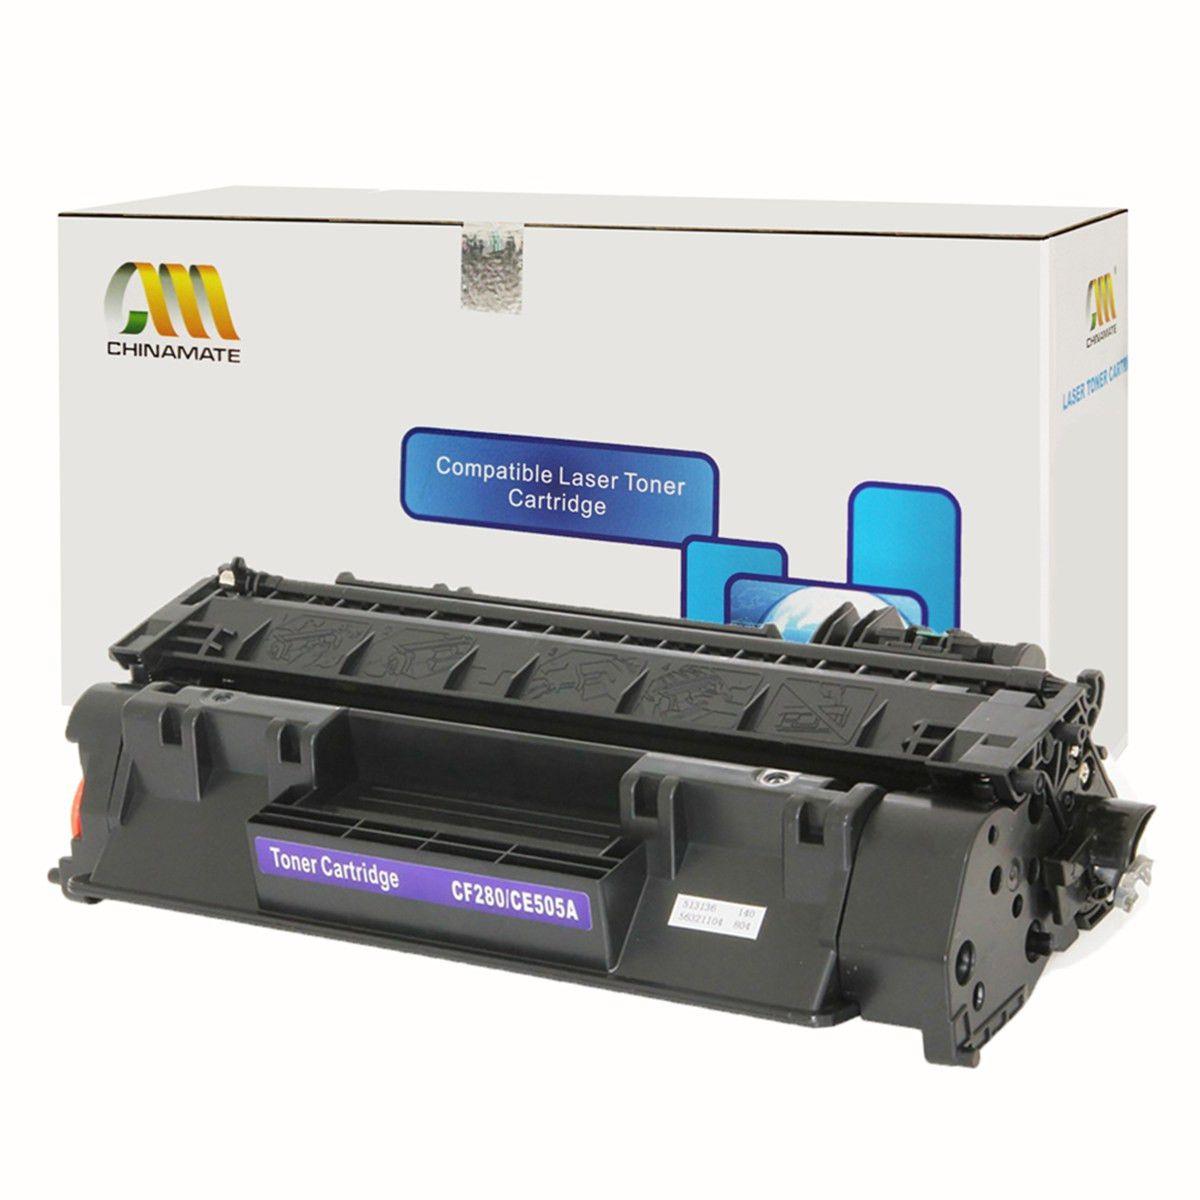 TONER COMPATÍVEL HP CE505A | 05A | P2035 | P2055 | P2055X